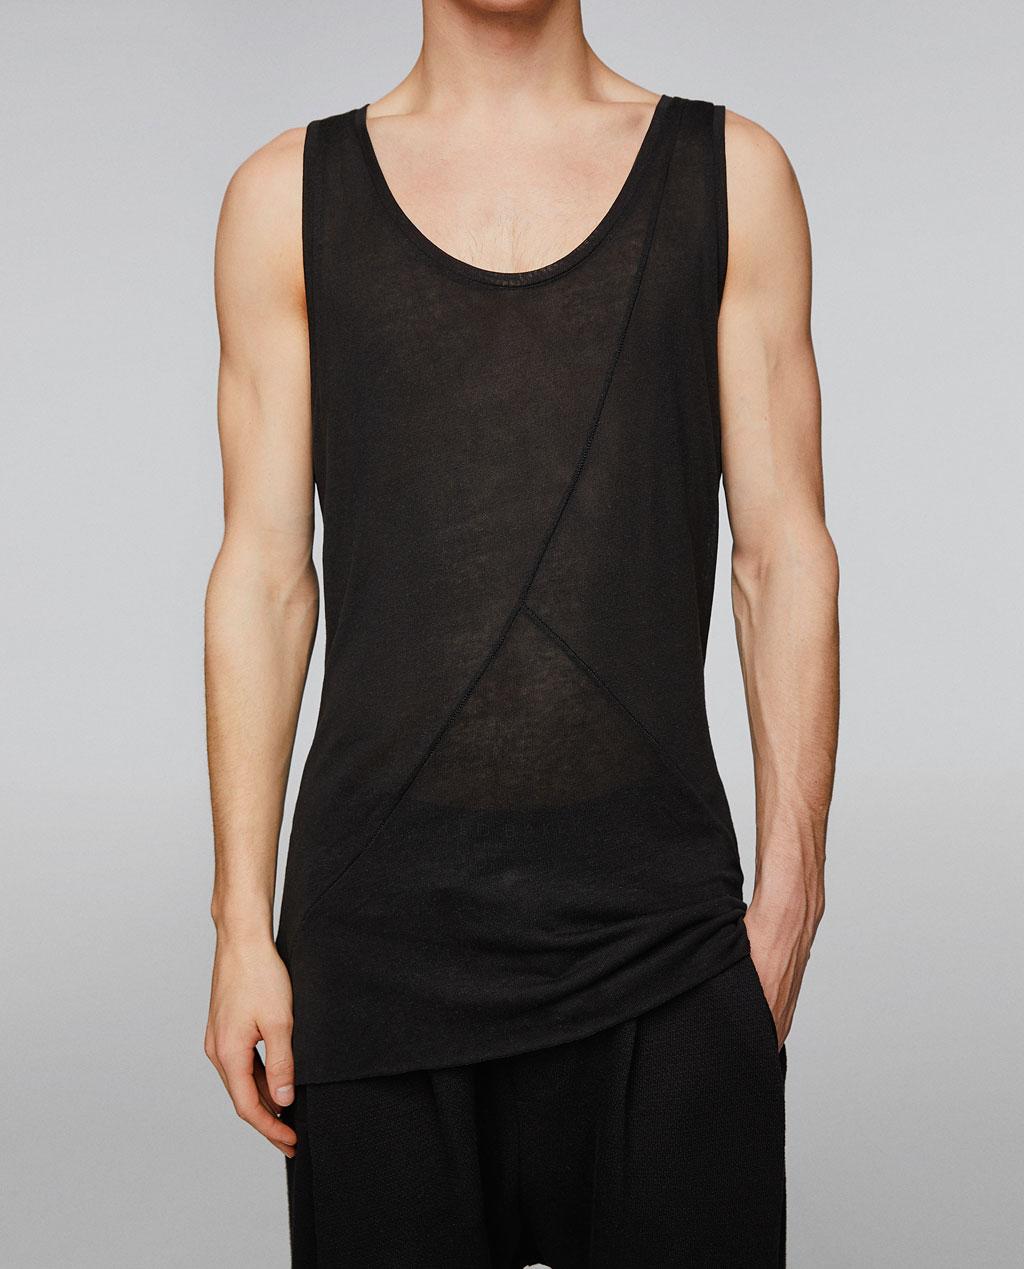 Thời trang nam Zara  23906 - ảnh 5